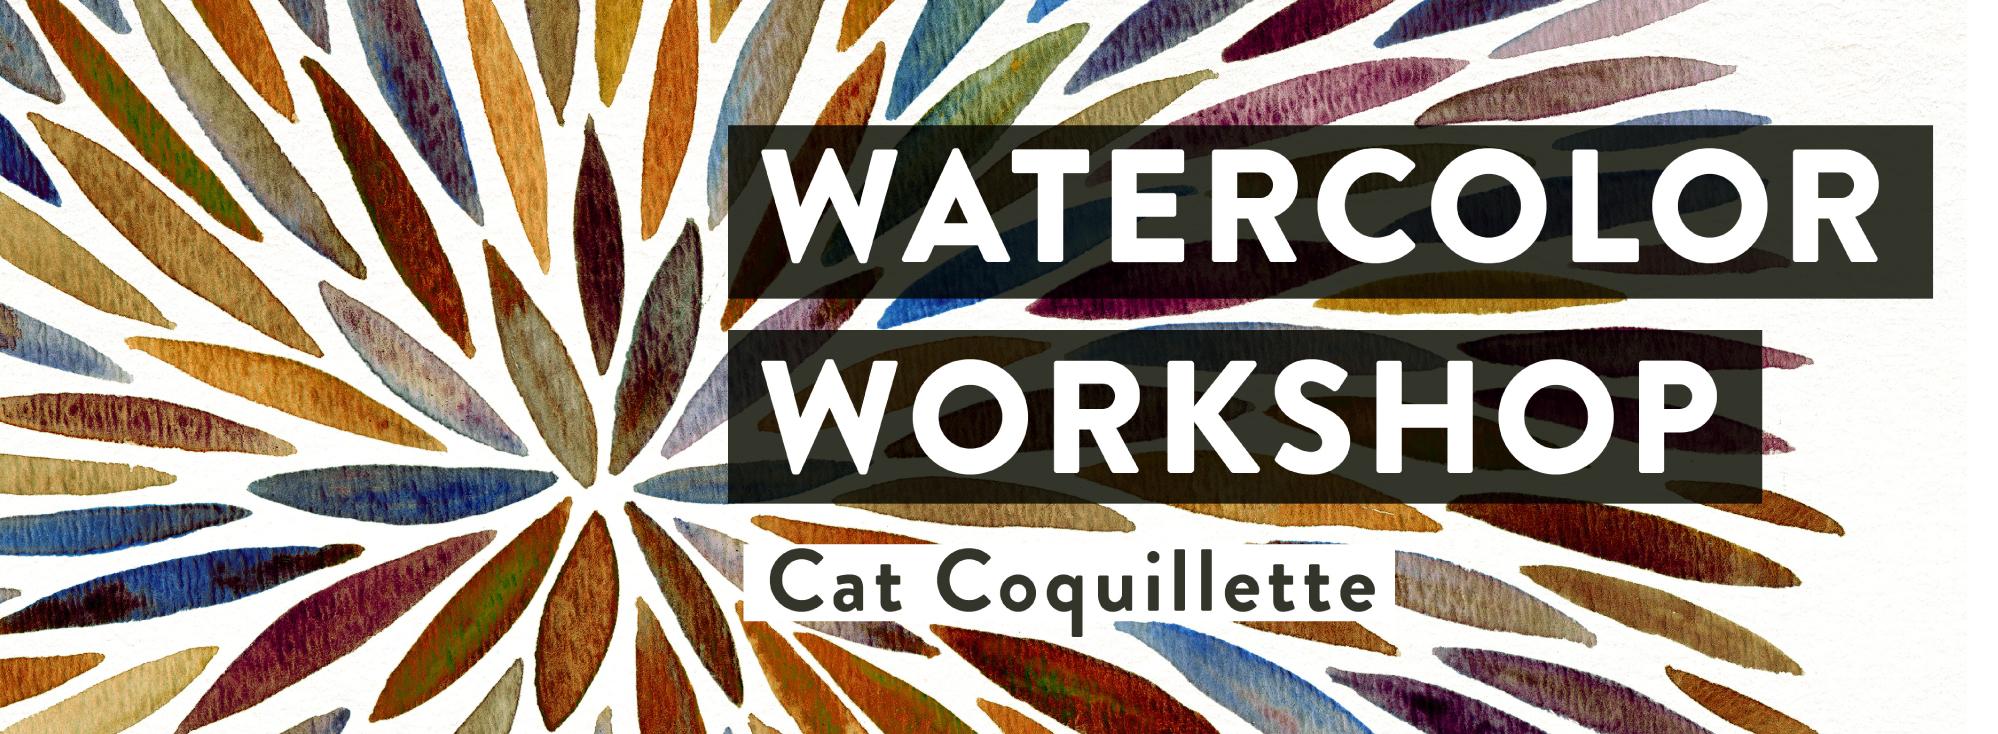 WatercolorWorkshopKCDW-header.jpg